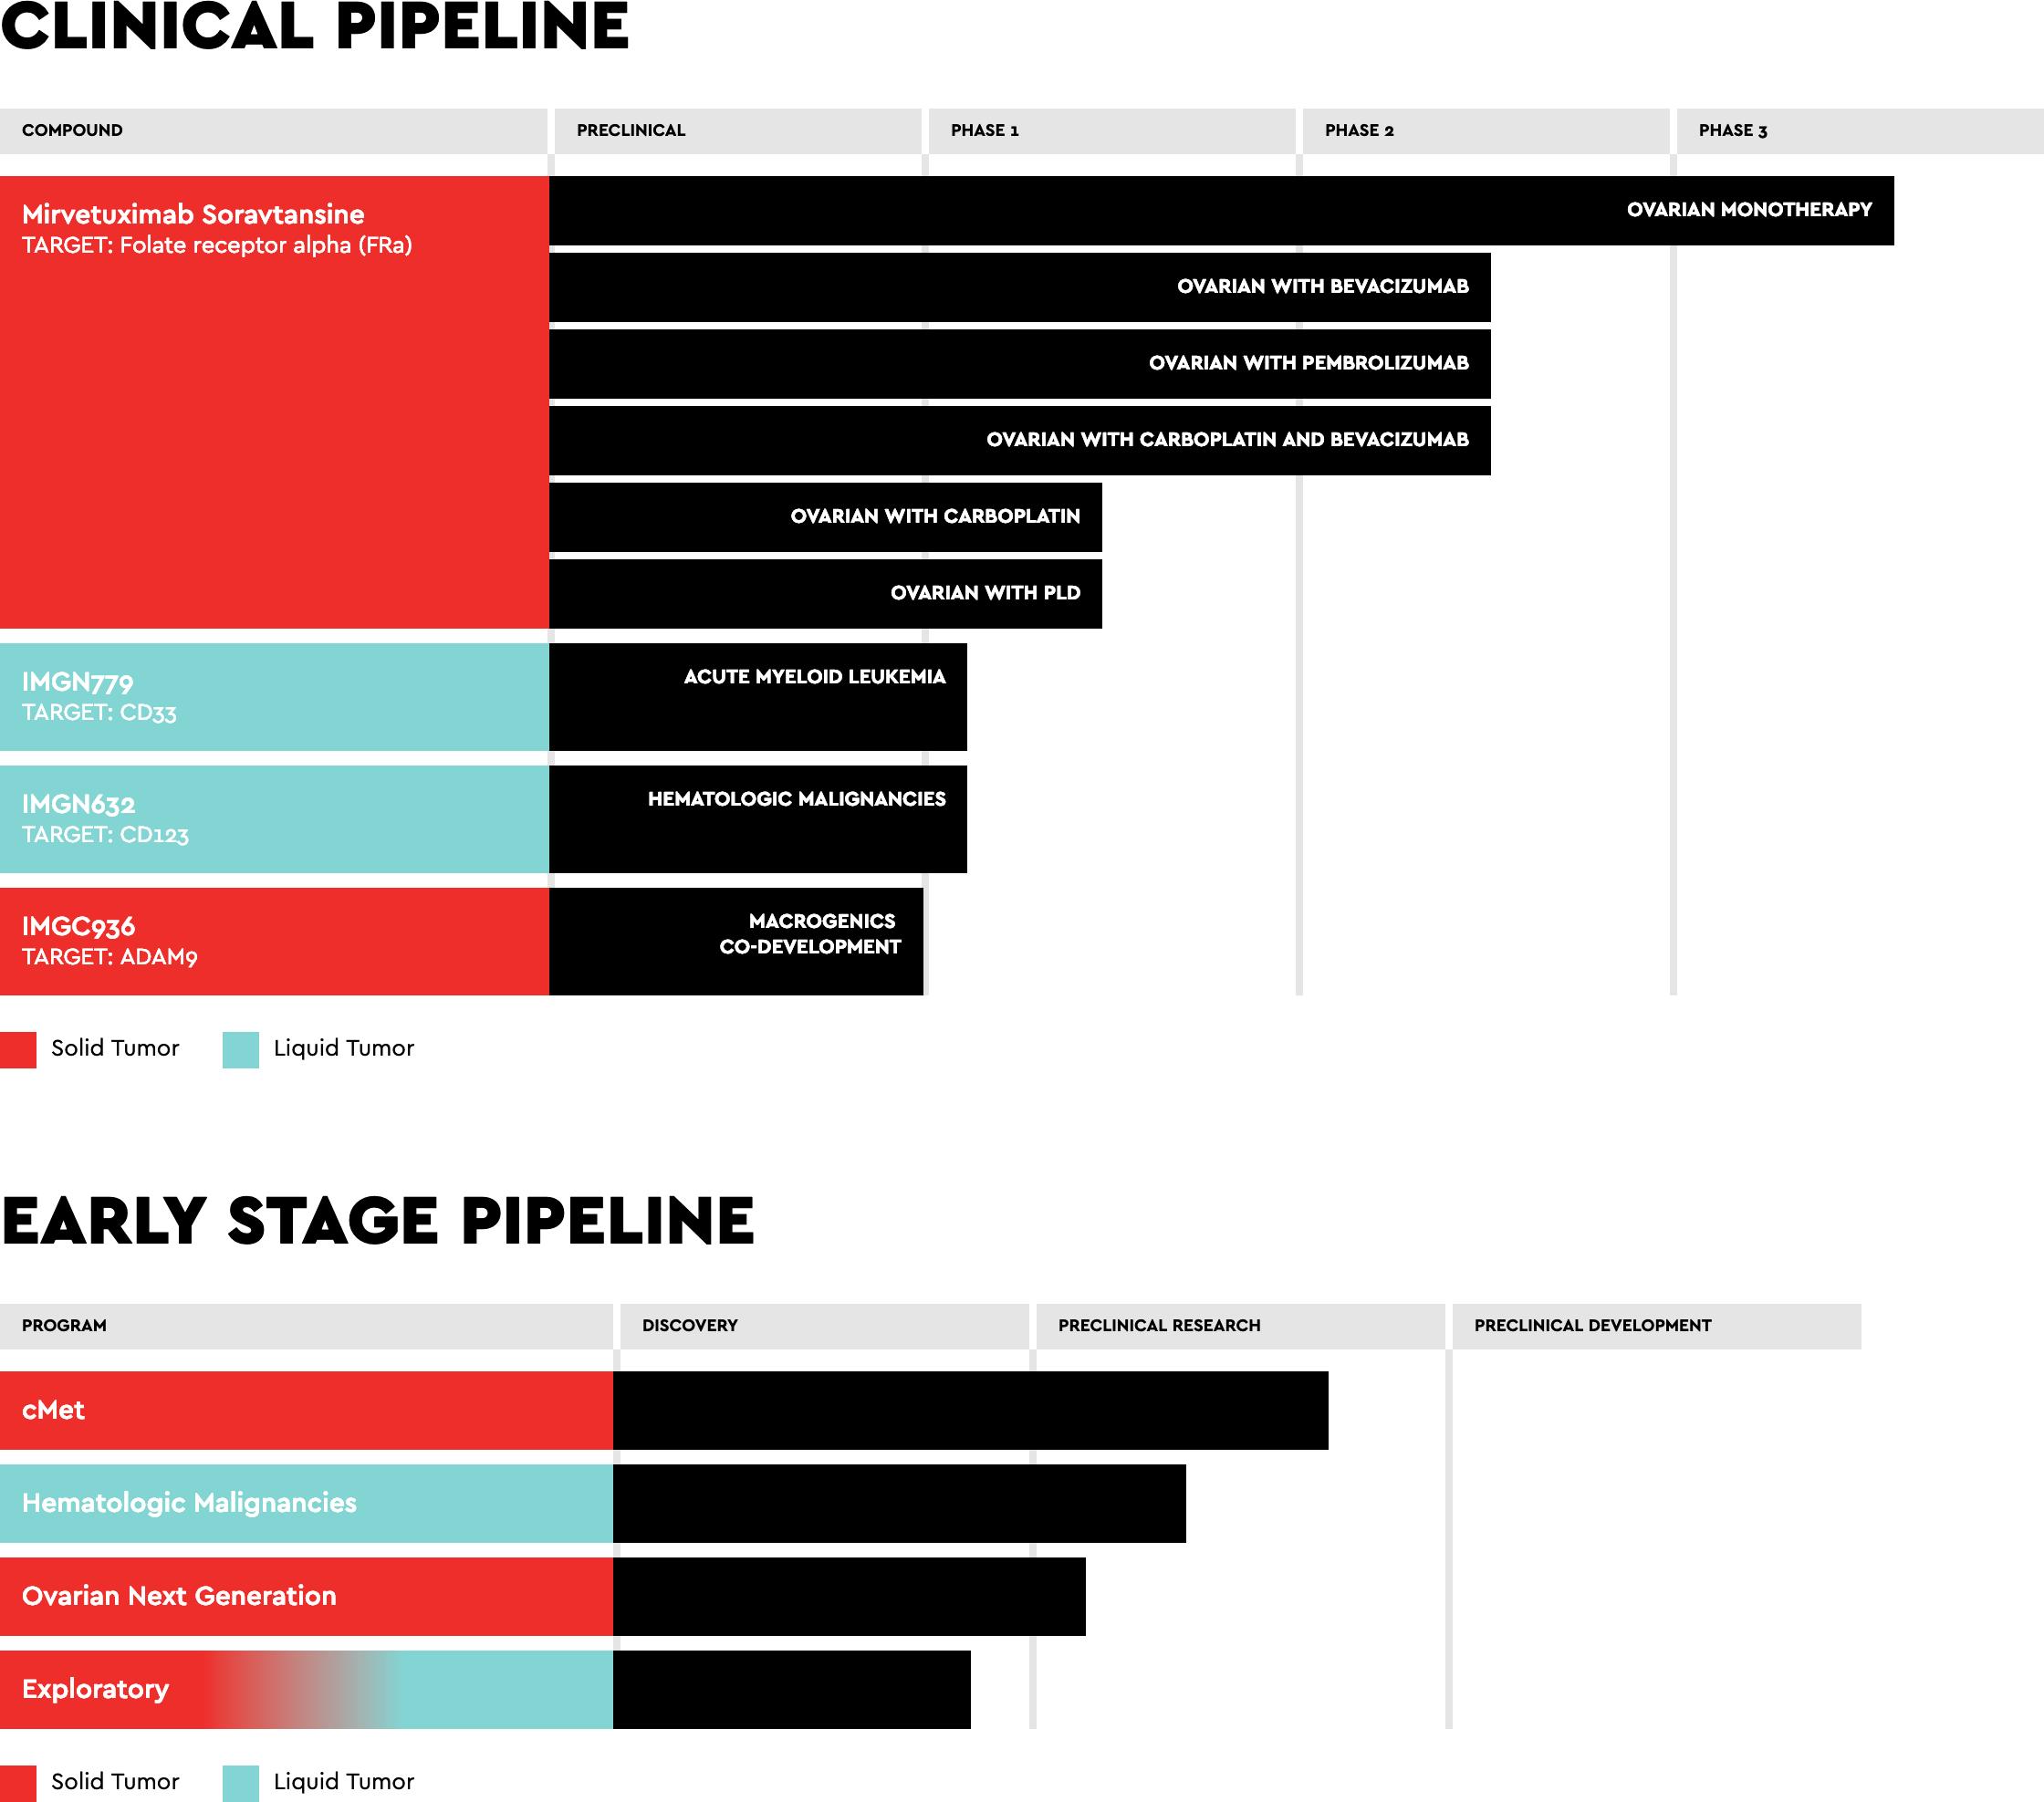 immunogen pipeline - Мирветуксимаб соравтанзин вылетел в трубу